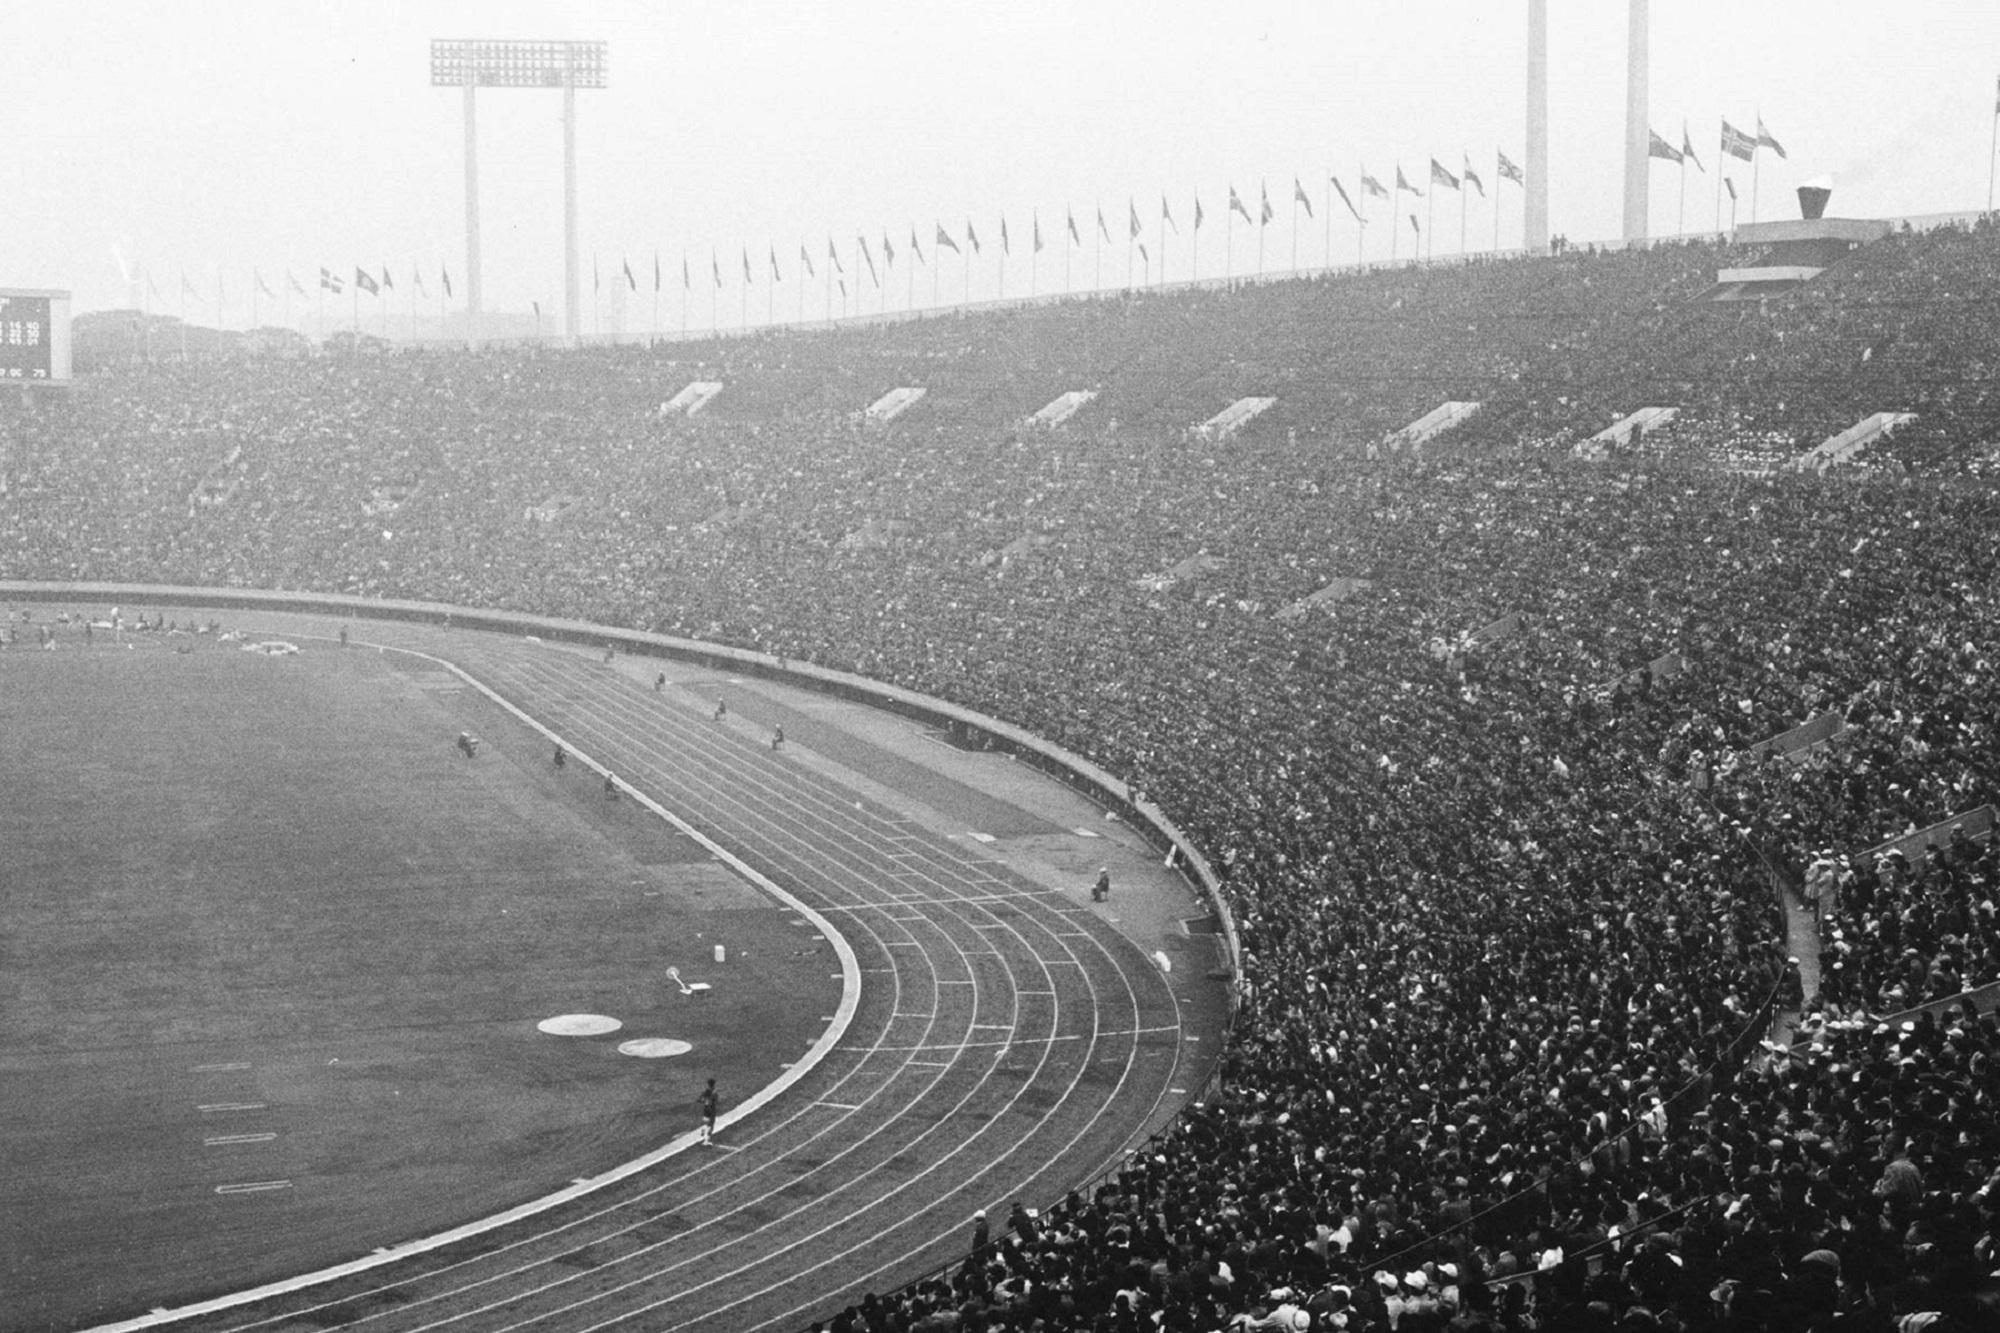 Estádio Olímpico de Tóquio albergou 85 mil espectadores na cerimónia de abertura.